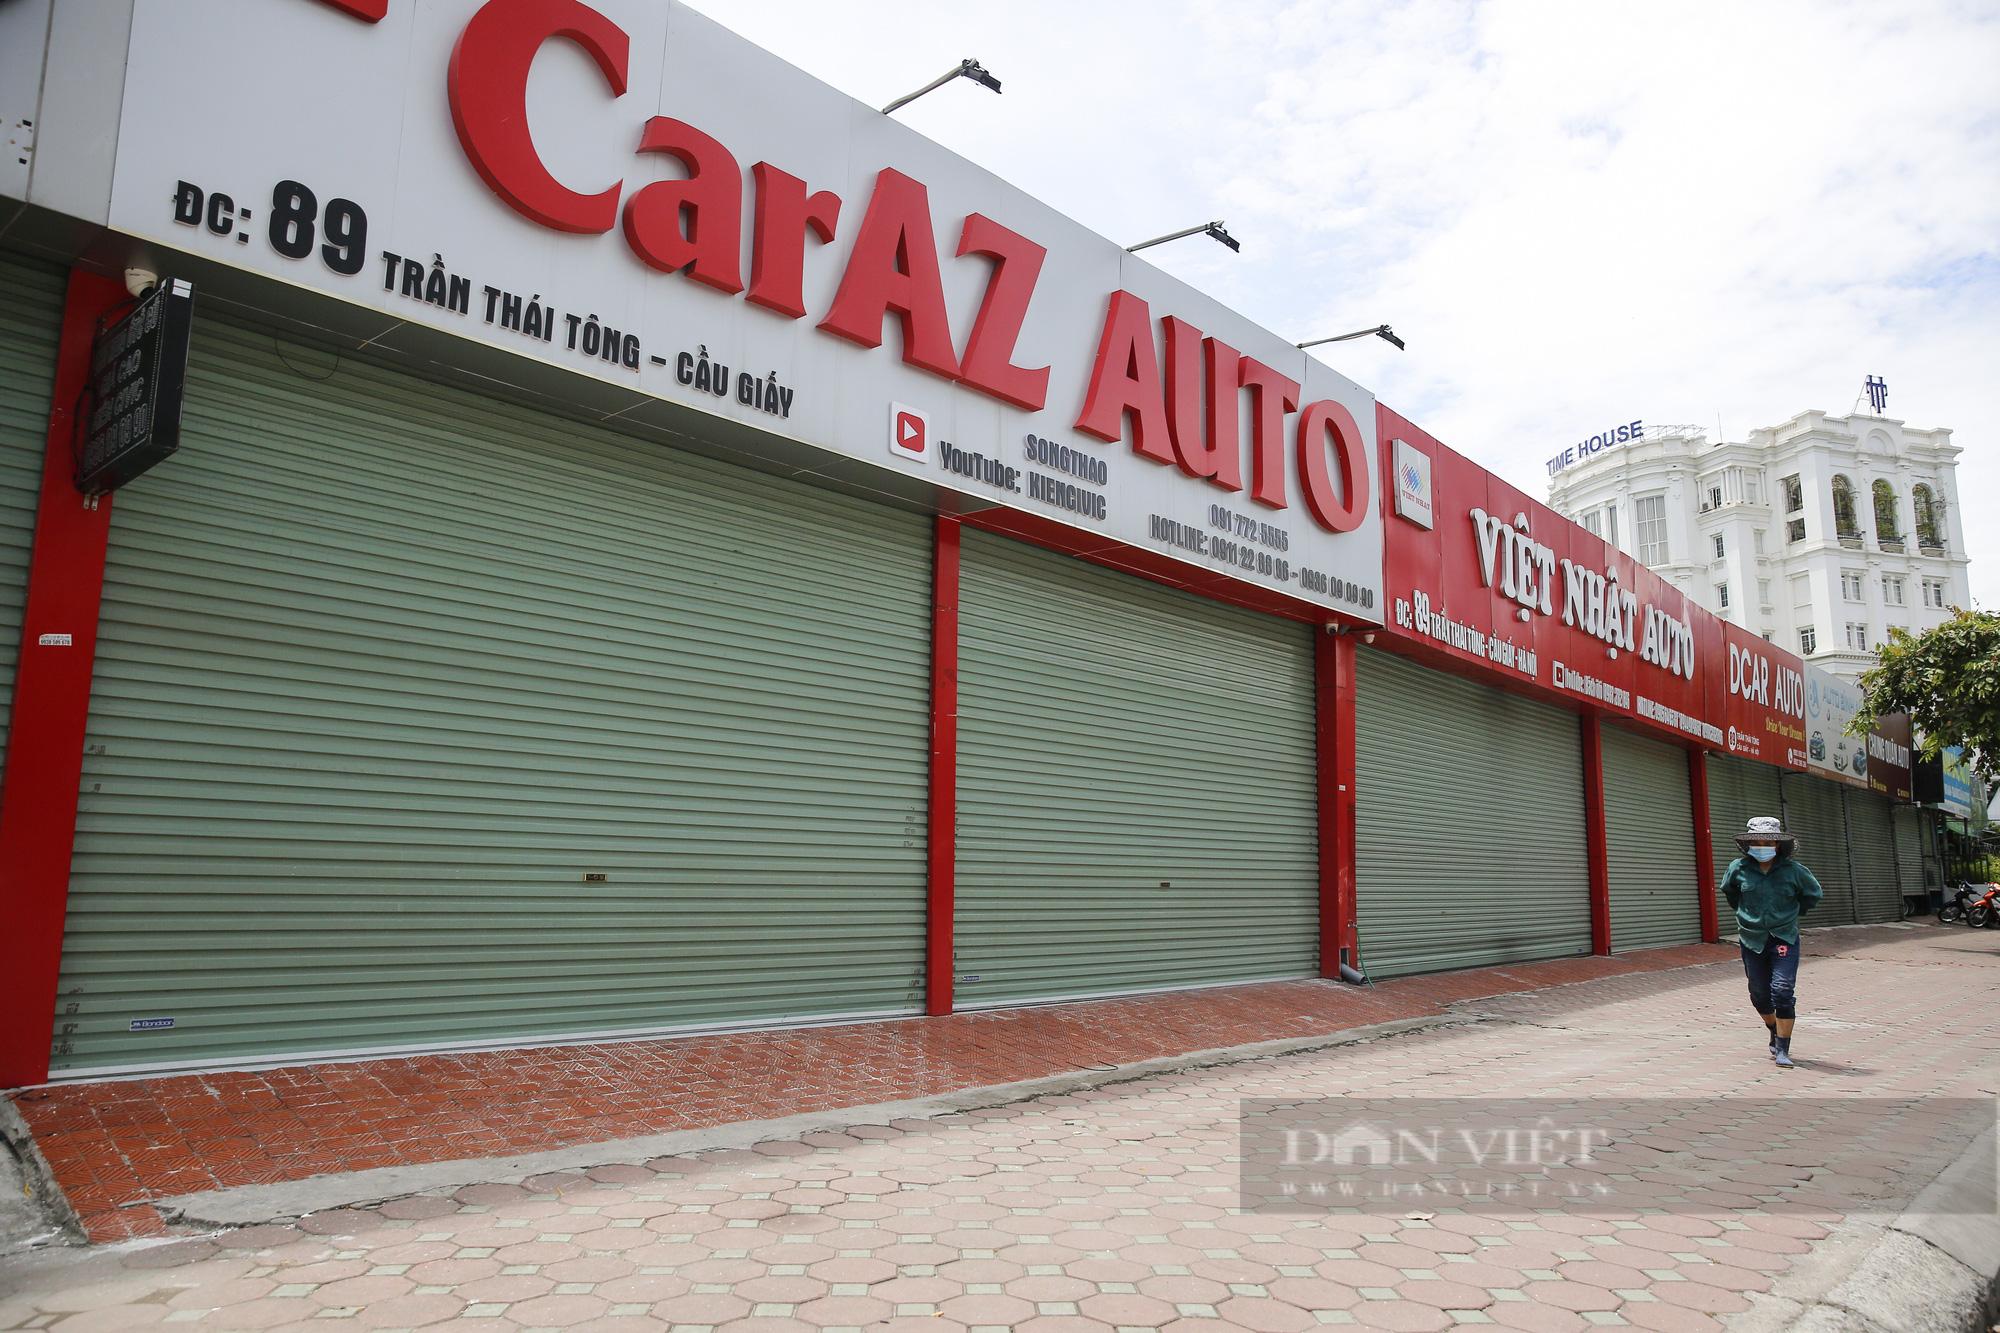 Hàng loạt showroom ô tô tại Hà Nội 'cửa đóng then cài' vì dịch Covid-19 - Ảnh 2.